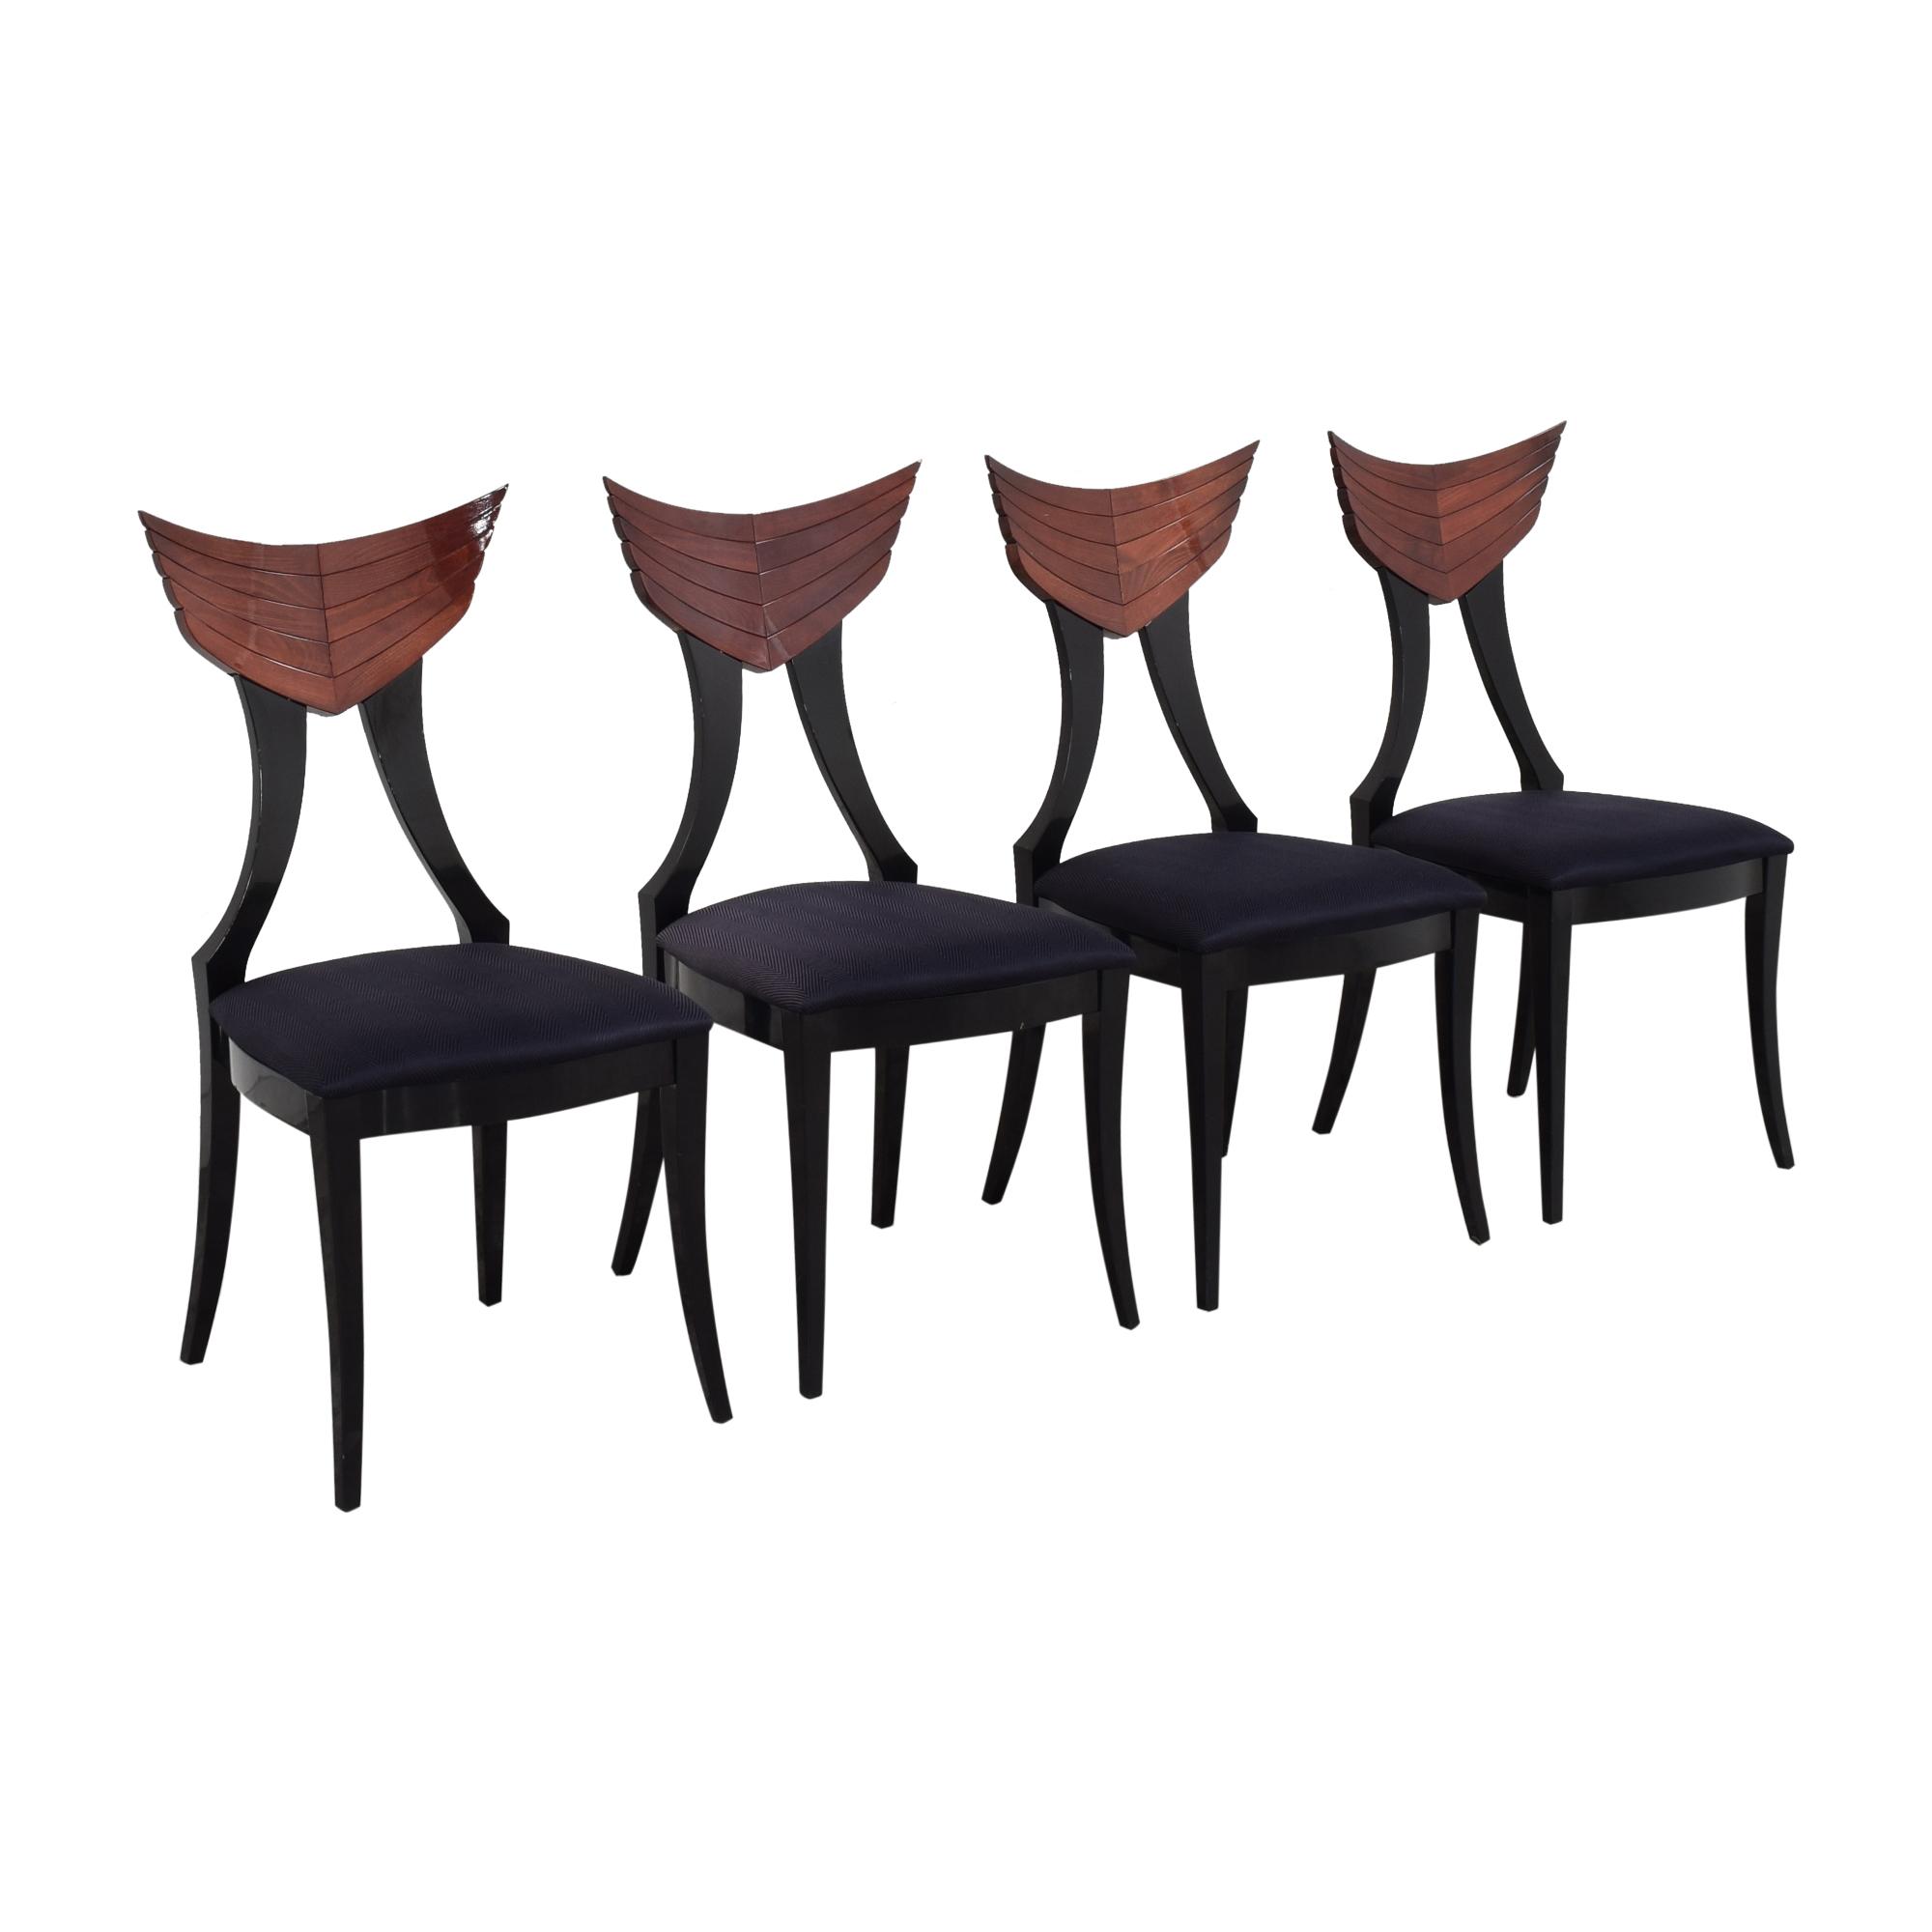 Ello Furniture Pietro Constantini for Ello Klismos Dining Chairs dimensions